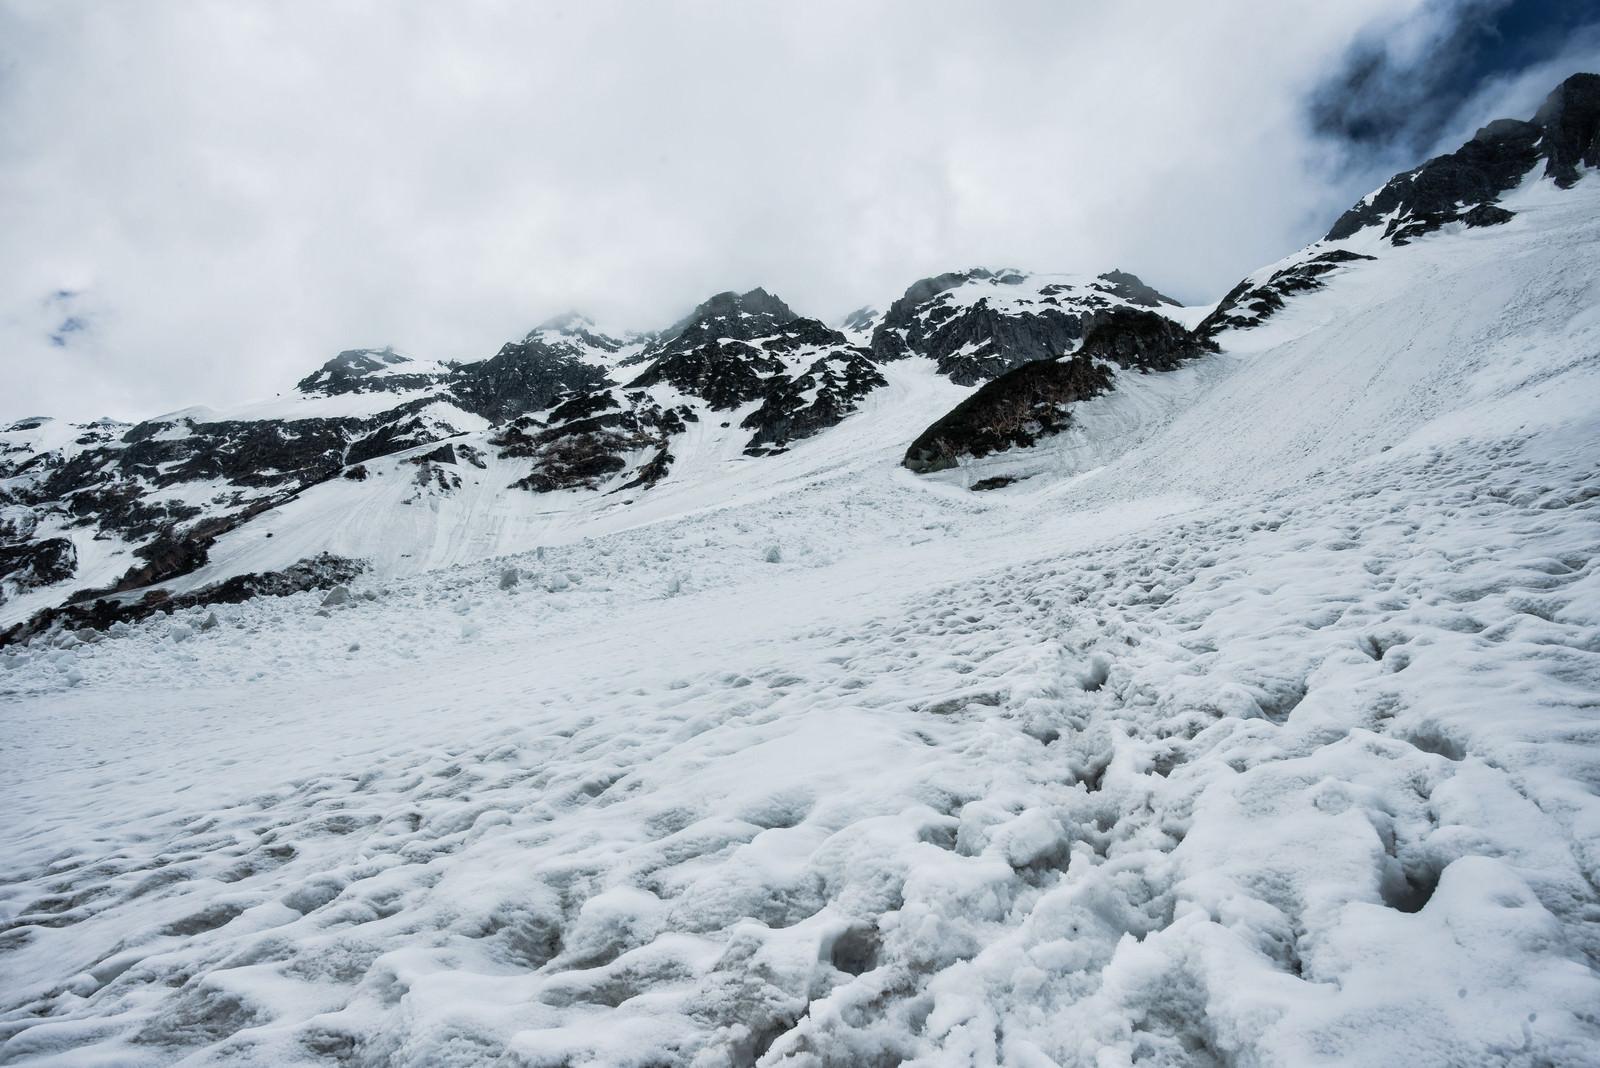 「雪崩の巣窟(涸沢カール)」の写真